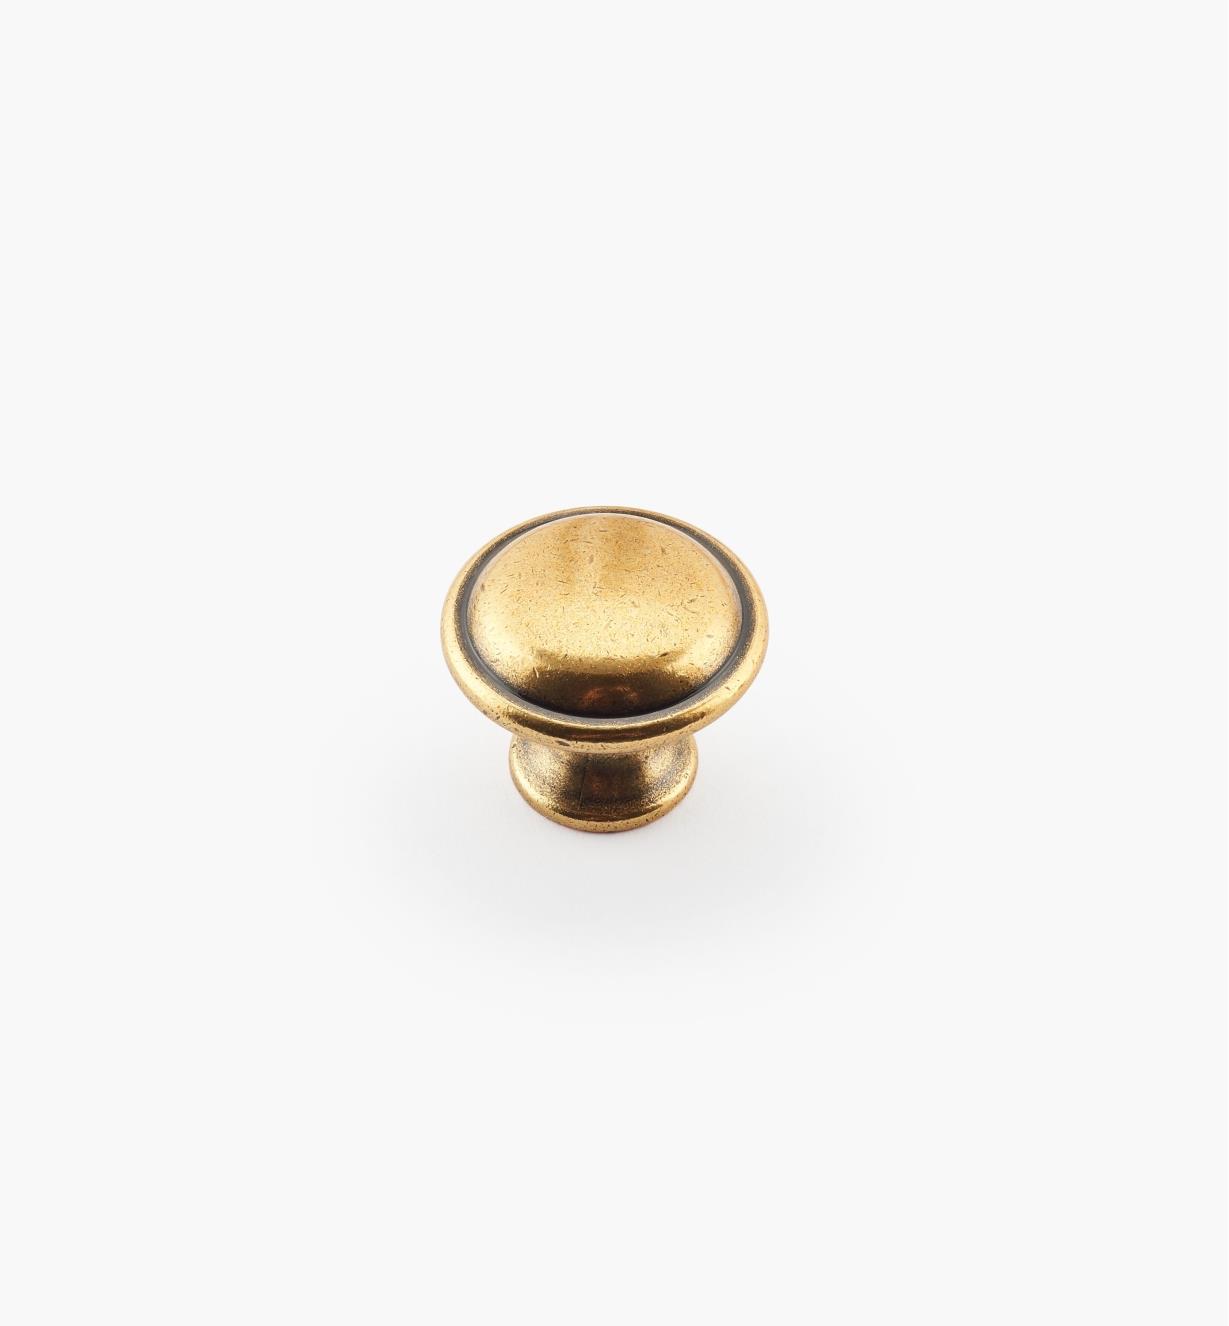 01A2074 - 25mm x 20mm Knob